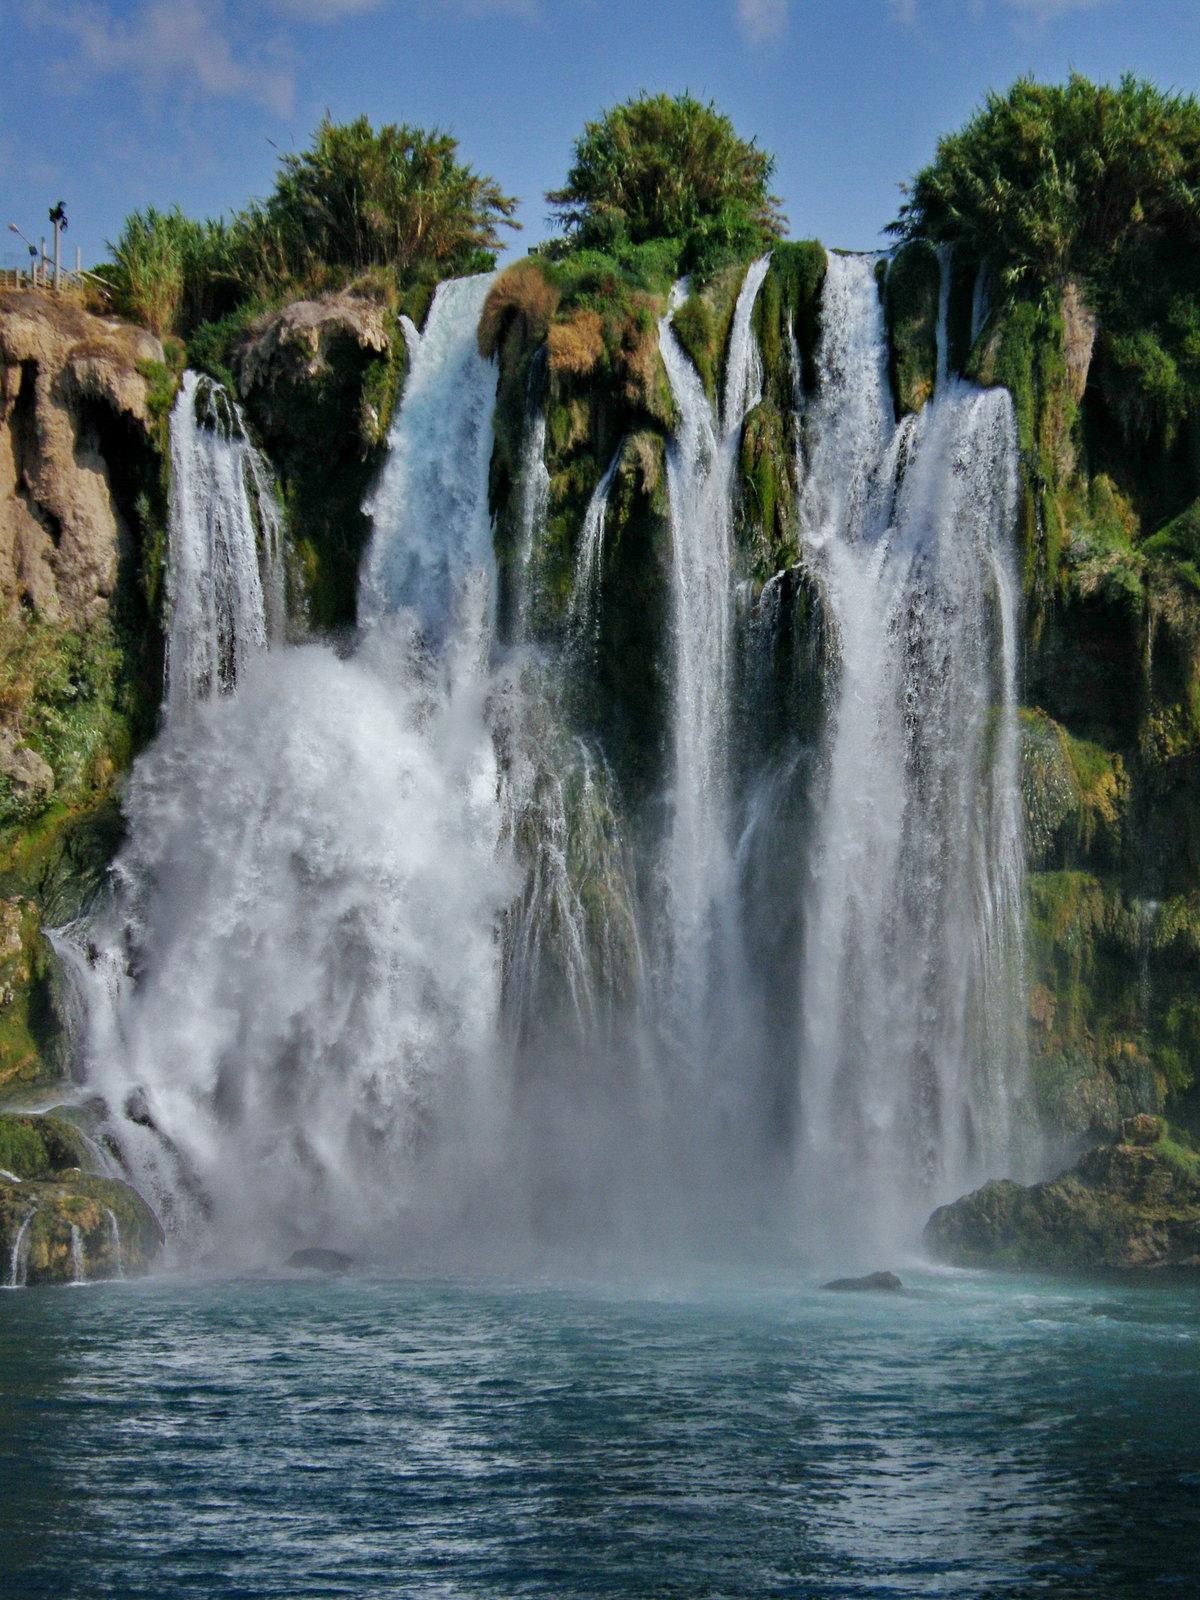 водопад дюден фото темноволосая голубыми глазами